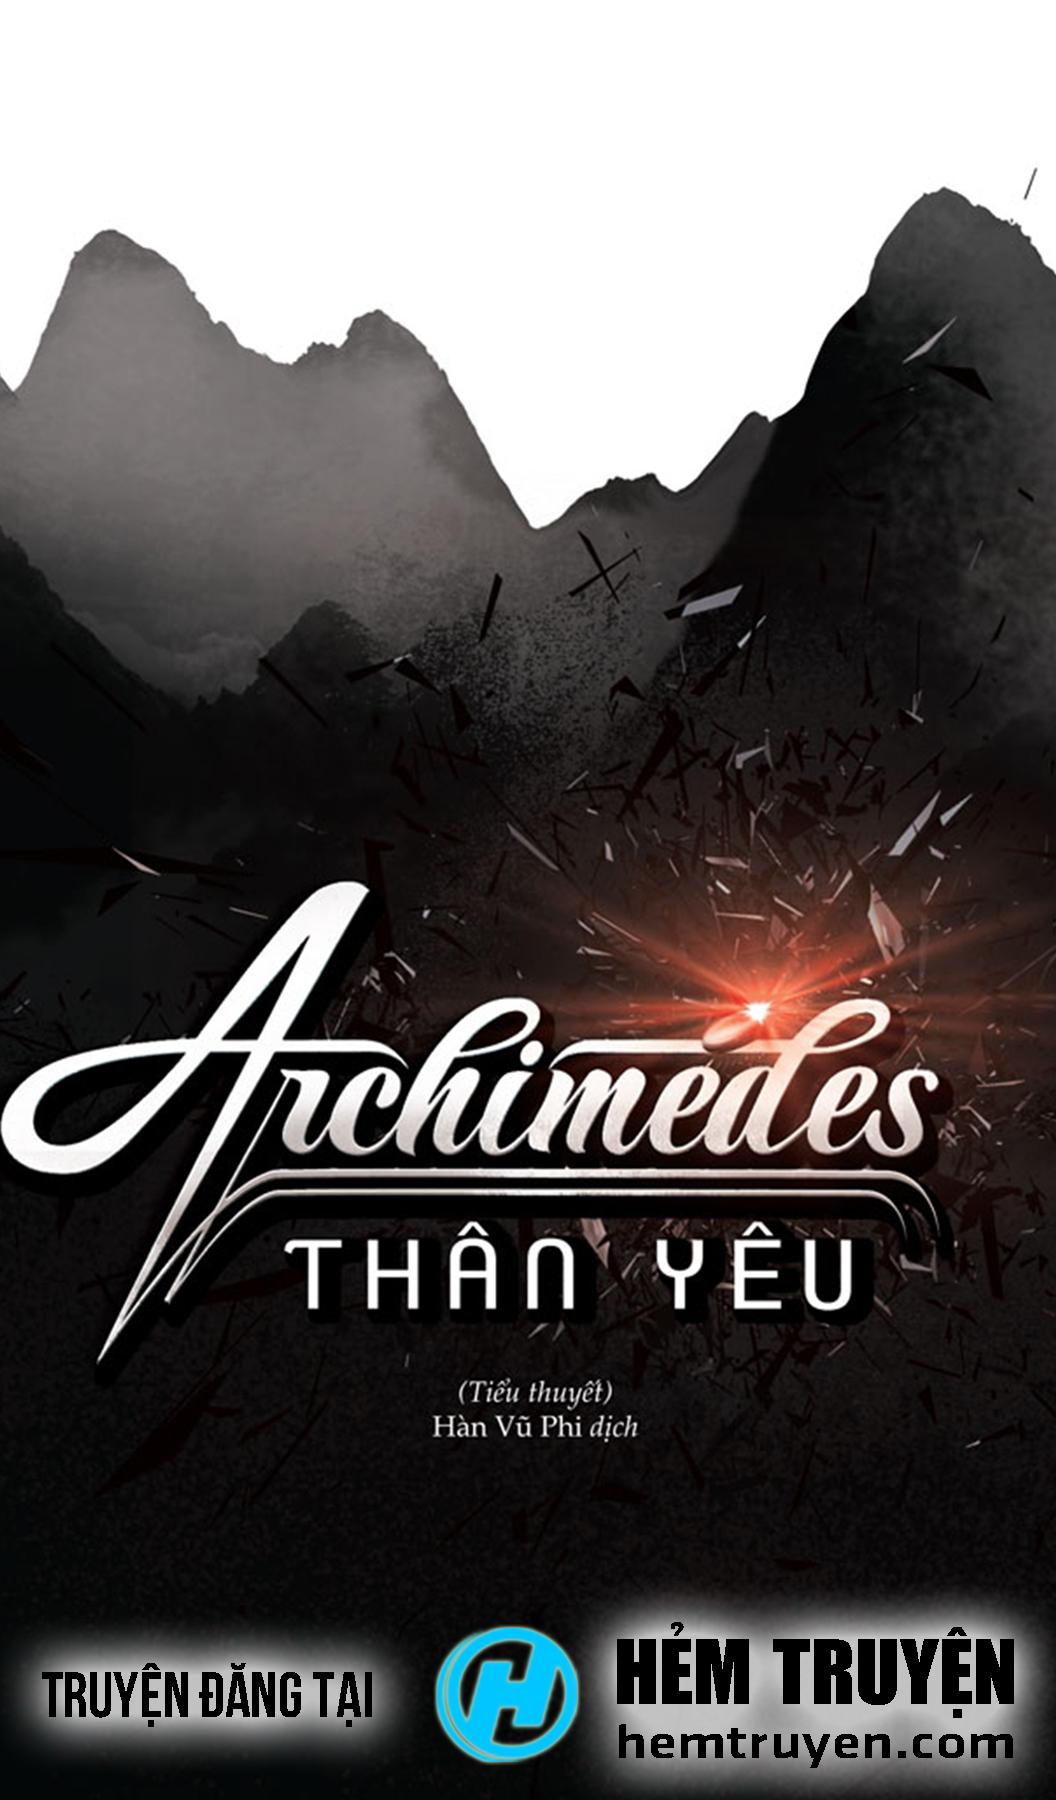 Đọc truyện Archimedes Thân Yêu của Cửu Nguyệt Hi trên HEMTRUYEN.COM